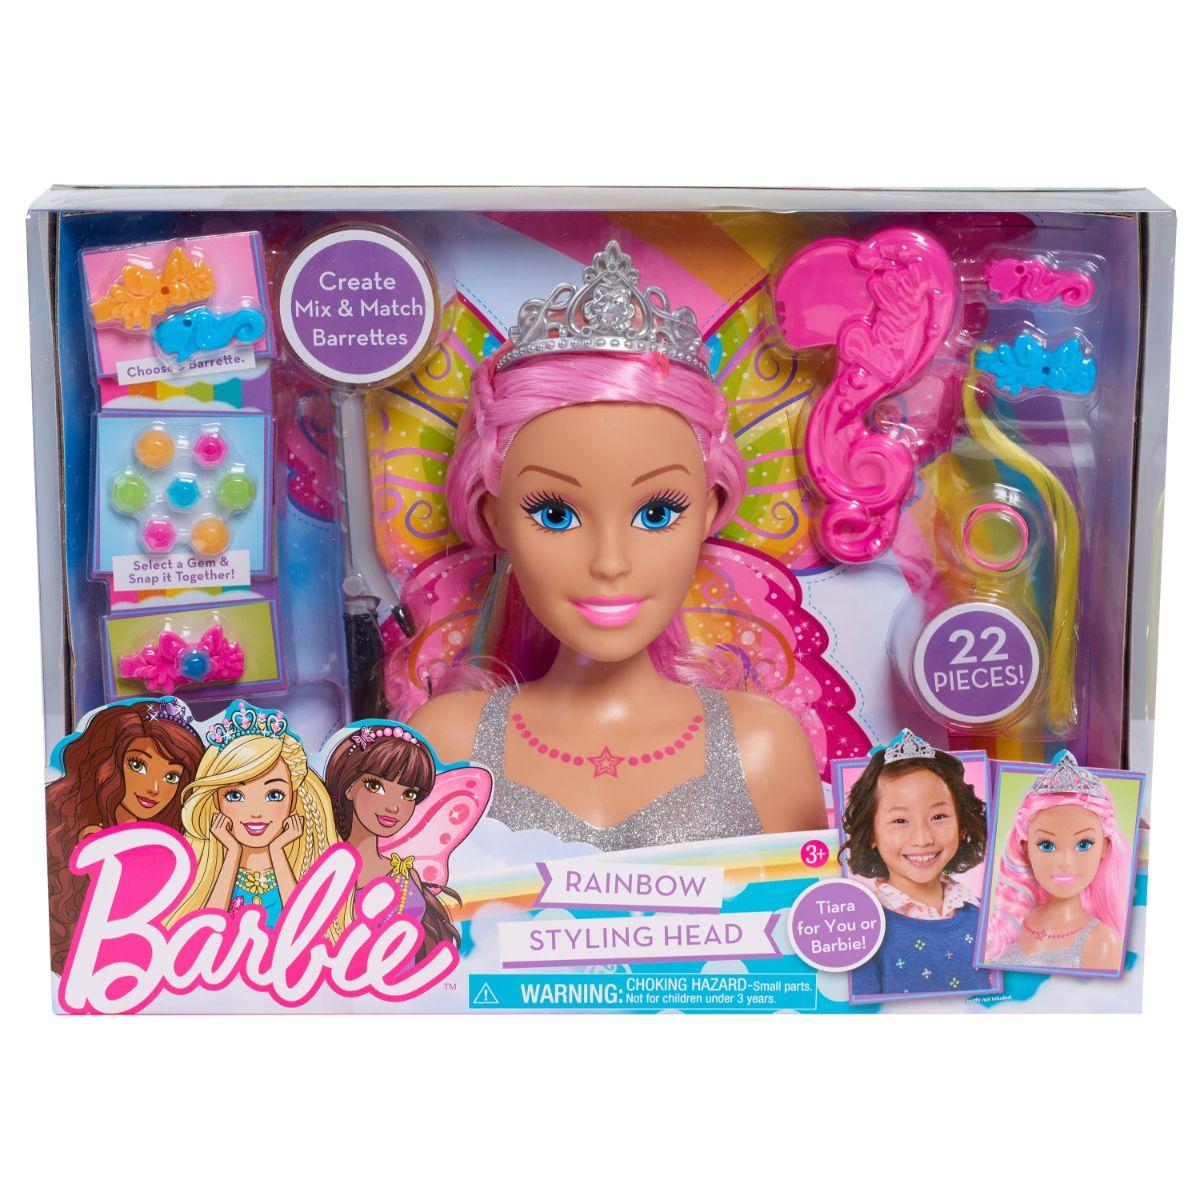 Papusa Barbie Styling Head Dreamtopia - Manechin pentru coafat cu accesorii incluse